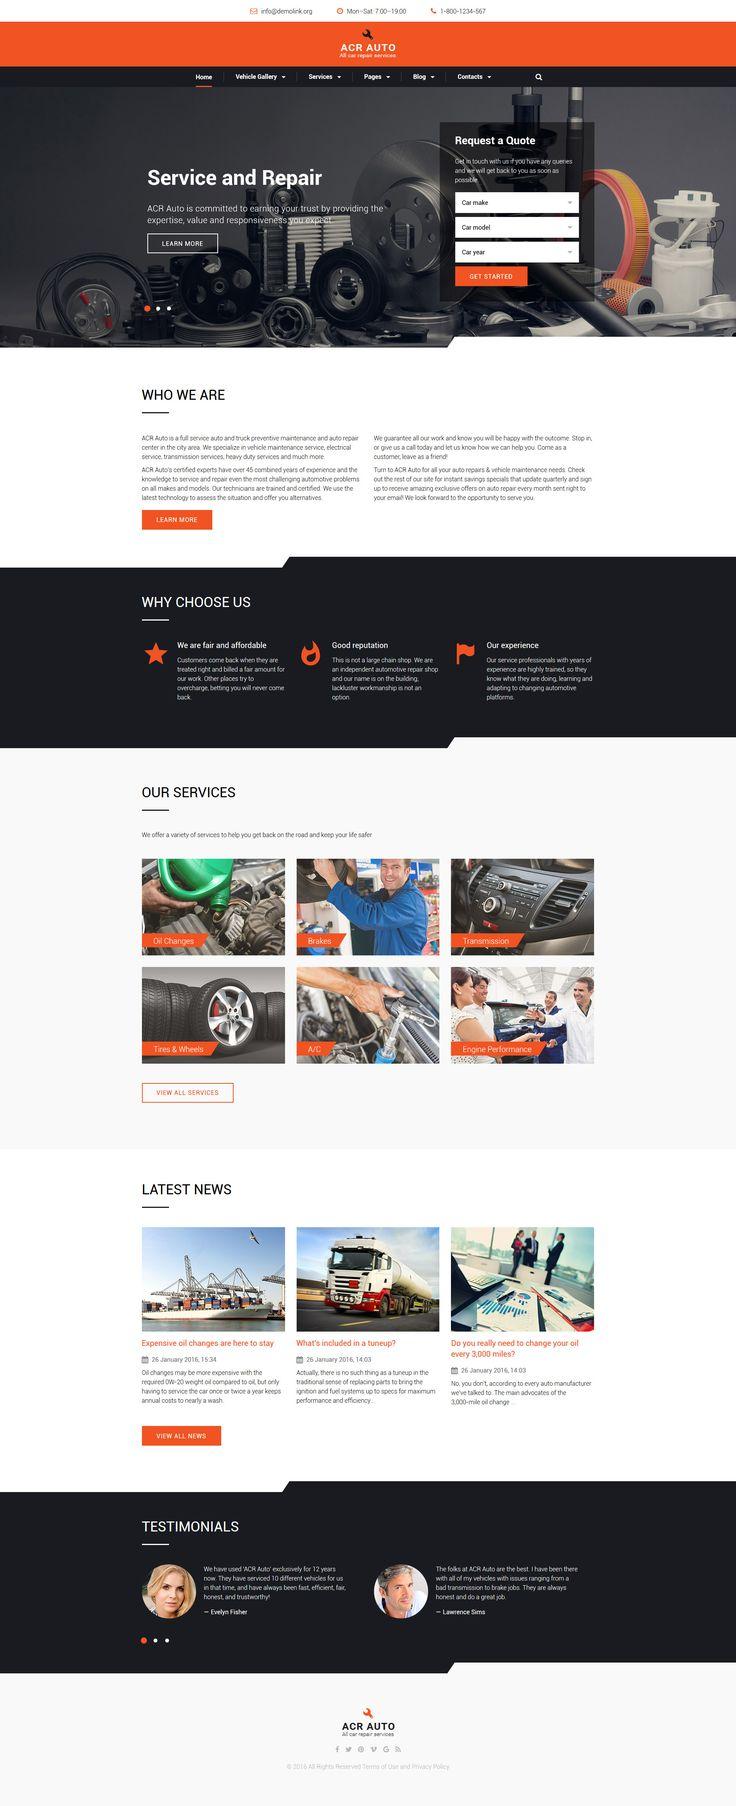 Car Repair Responsive Website Template http://www.templatemonster.com/website-templates/car-repair-responsive-website-template-59050.html